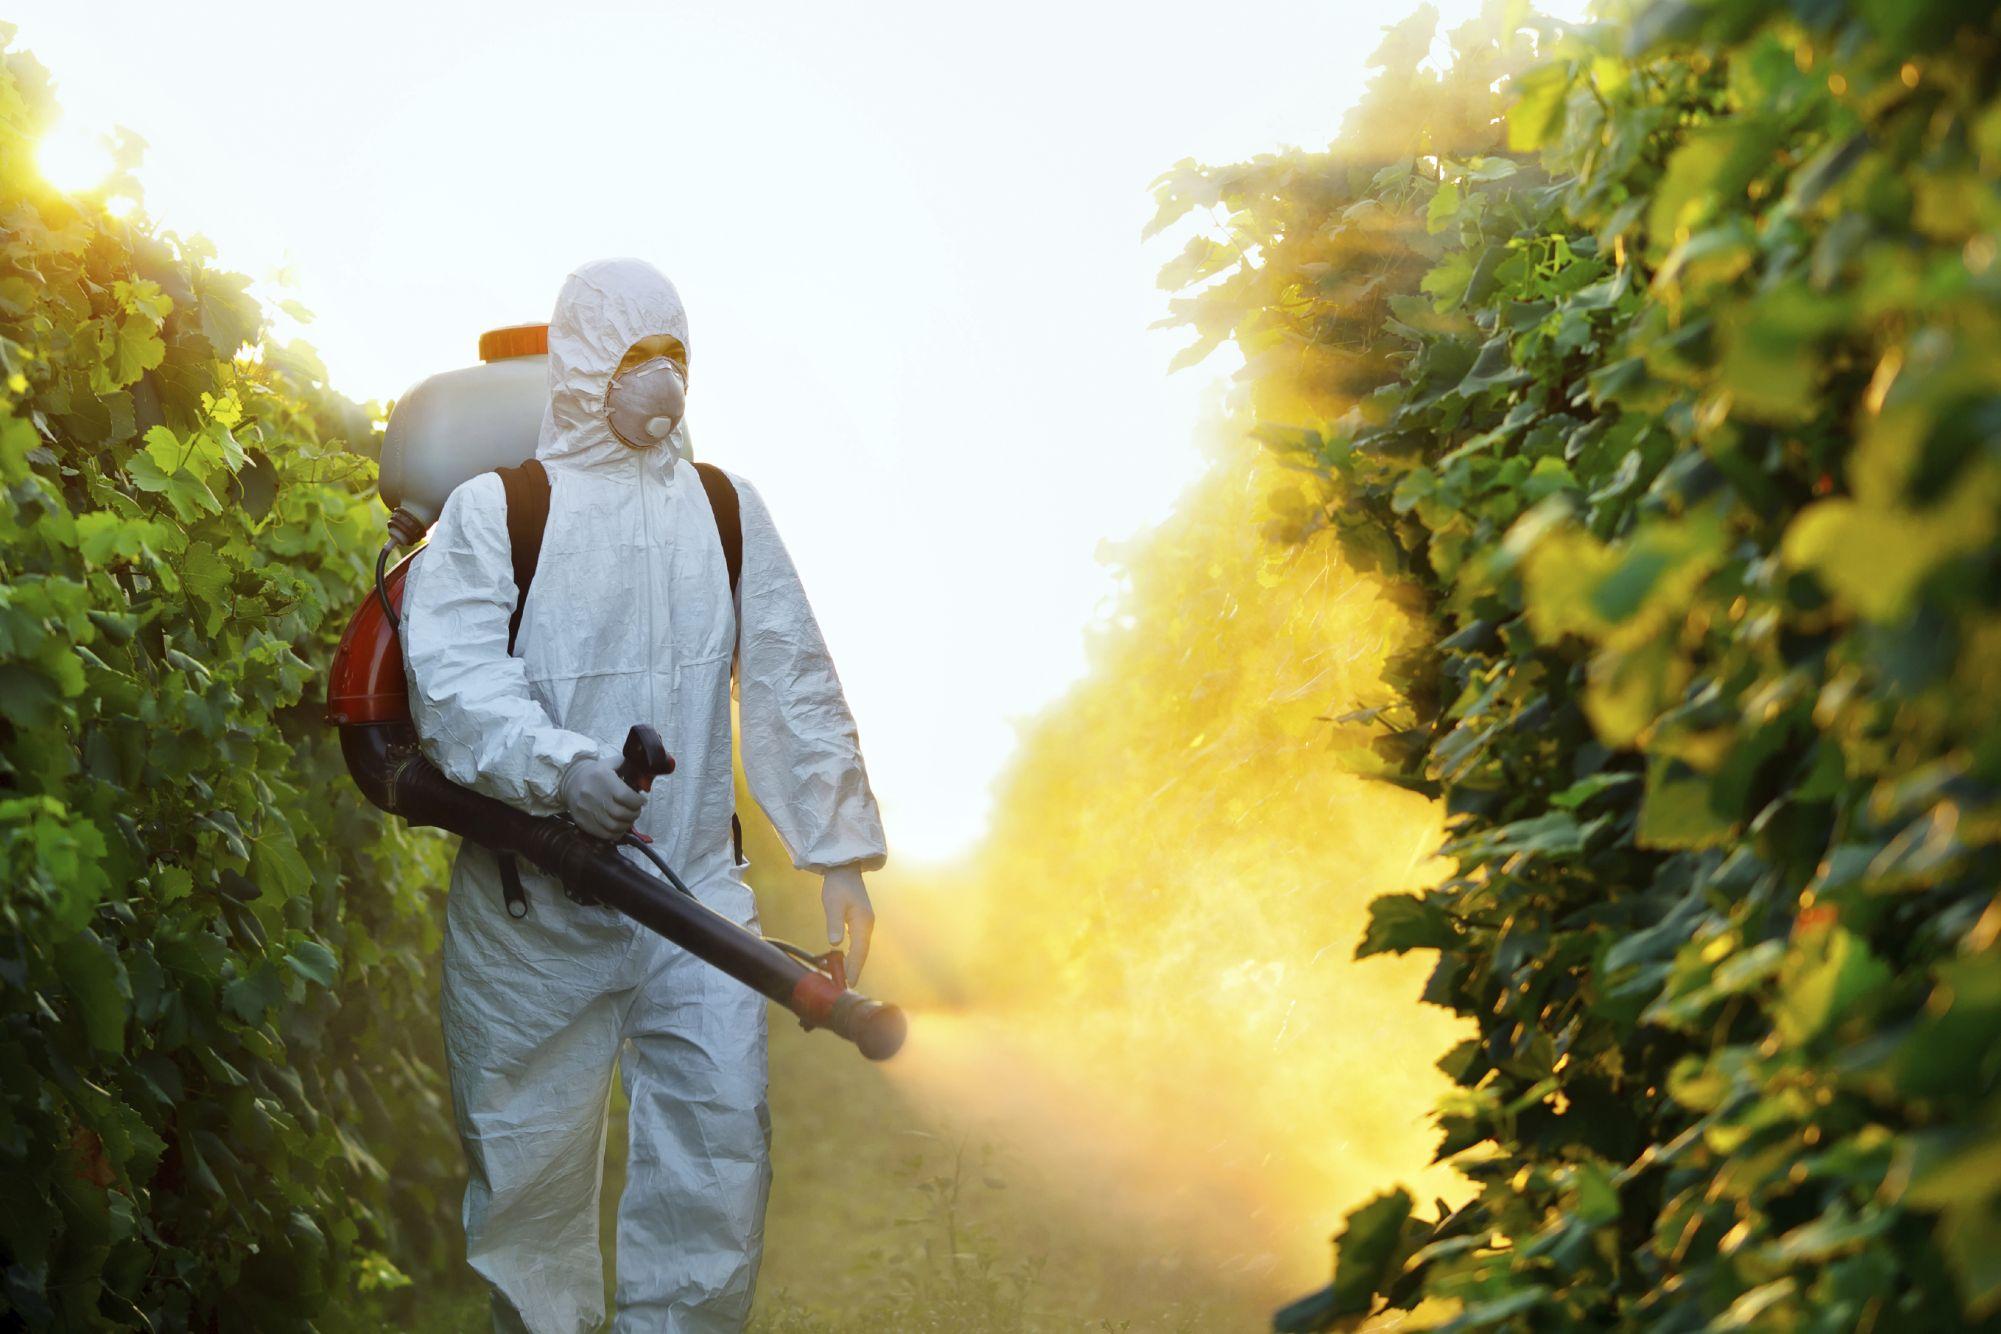 صورة الدكتور محمد عبدالمجيد : حجم المبيدات المغشوشة فى مصر يتراجع لـ14%